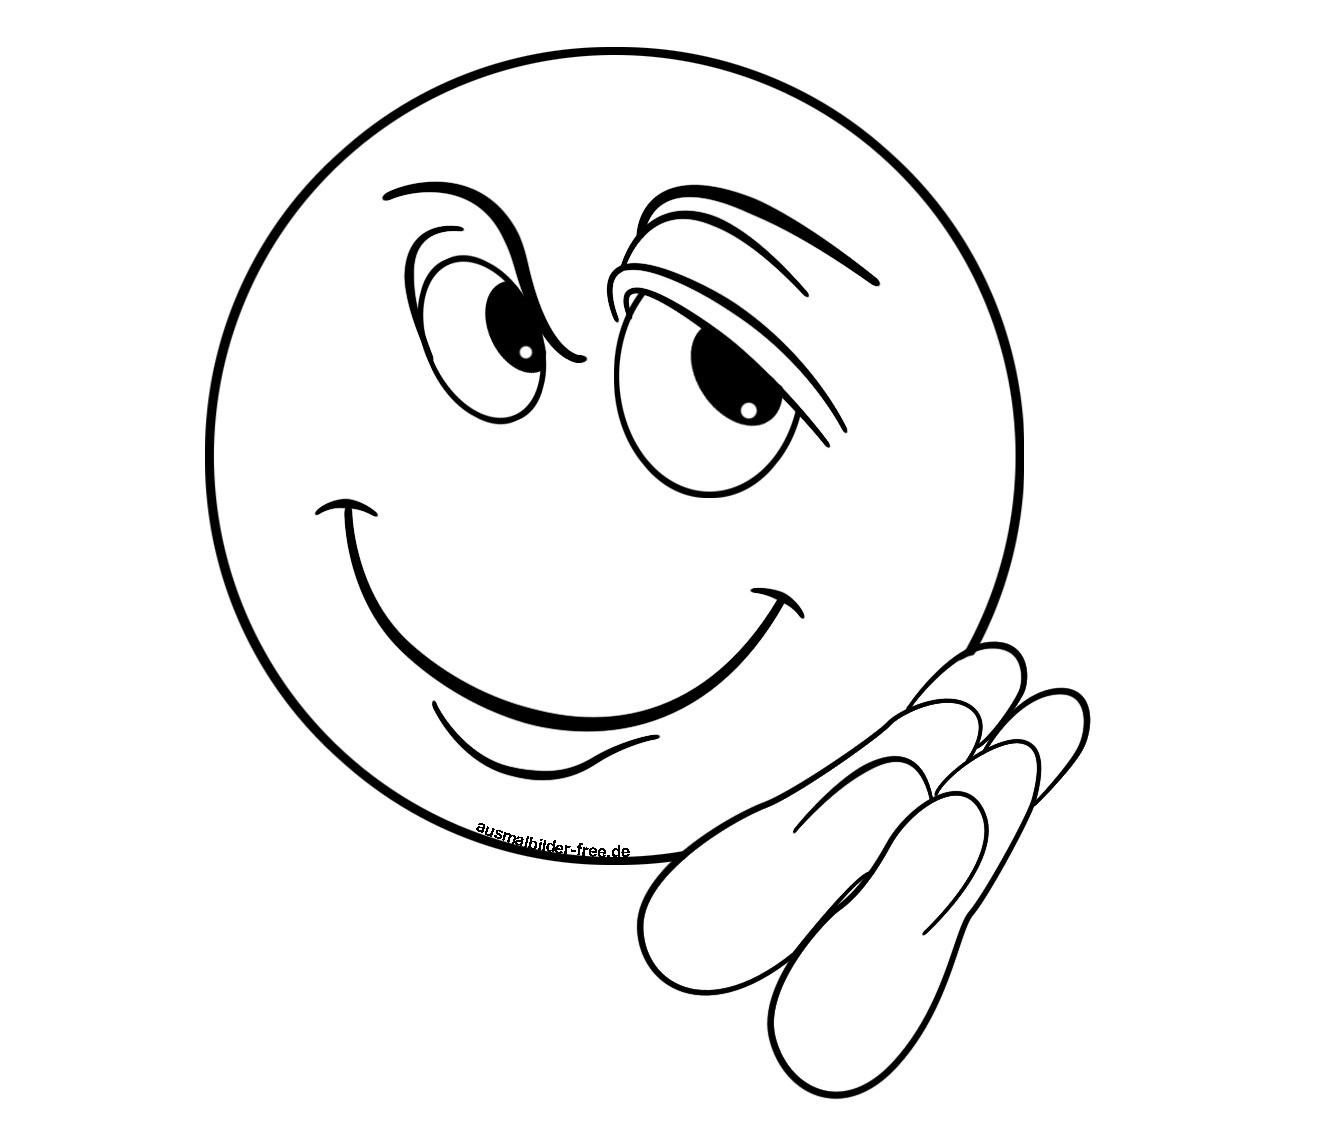 Einhorn Emoji Zum Ausmalen Das Beste Von Die Seite Ausmalbilder Free Enthaelt Ausmalbilder Mit Smiley Bild